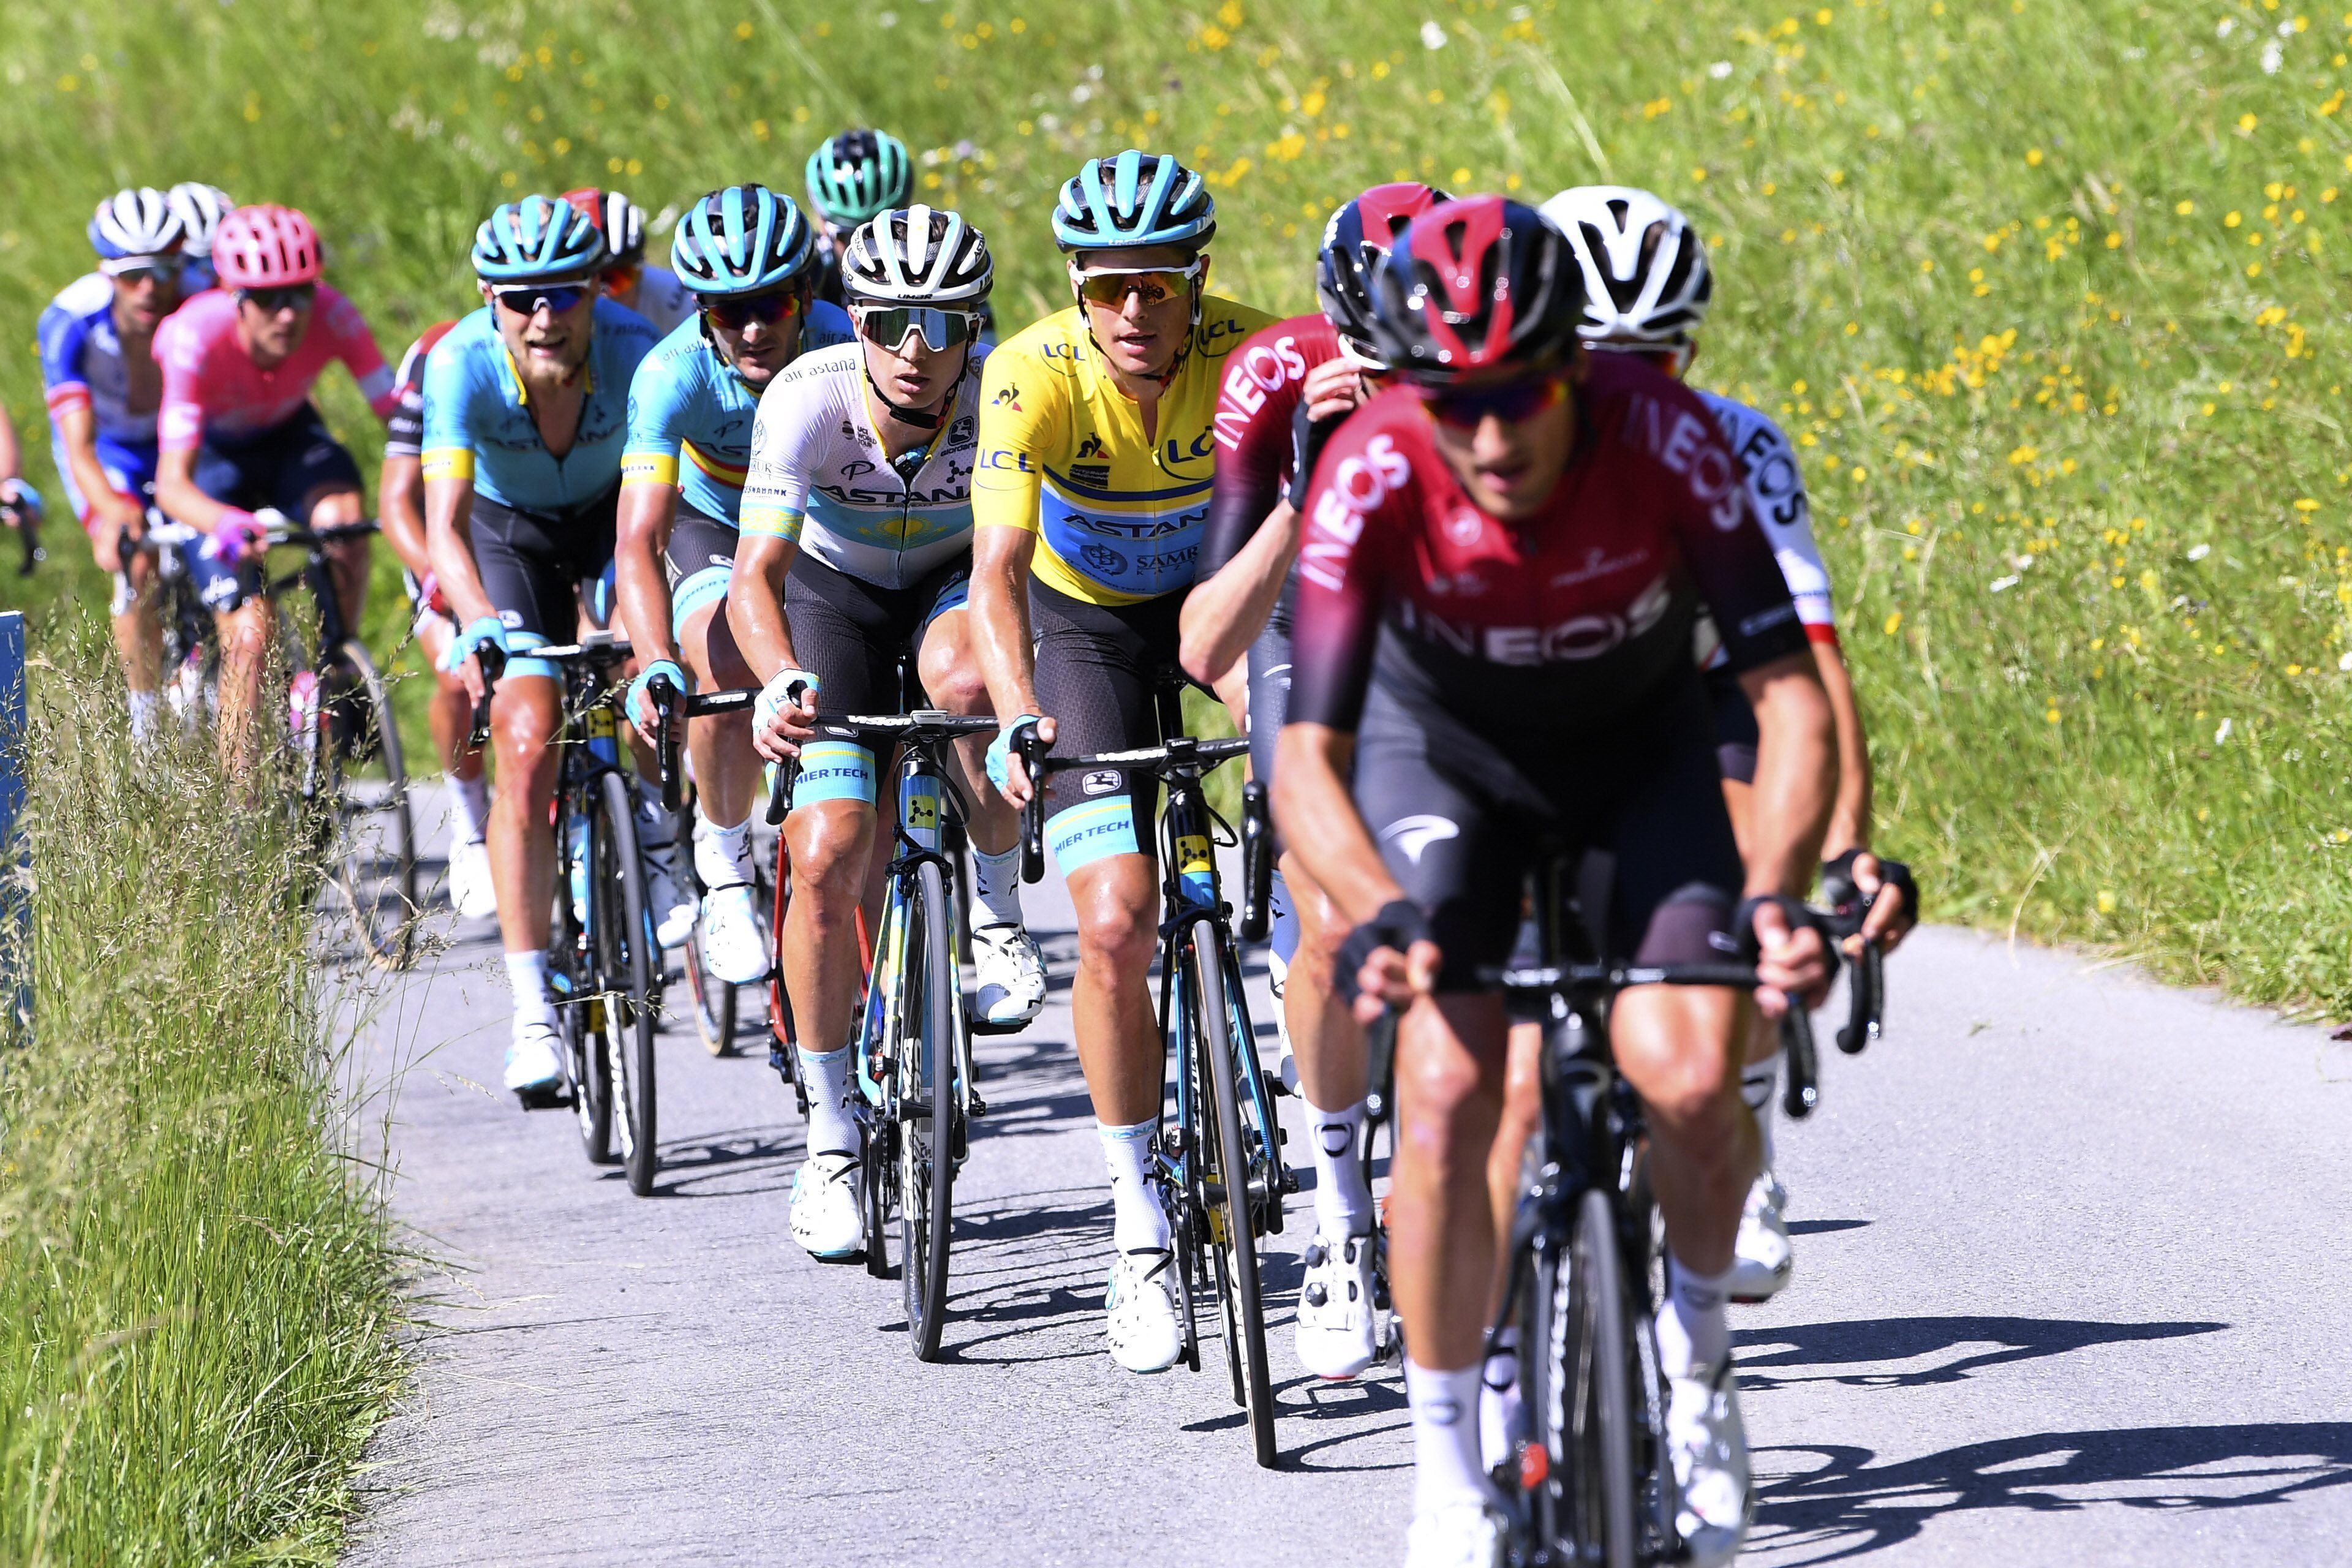 Cyclisme - Cinq monuments et trois grands Tours en trois mois : l'UCI dévoile son nouveau calendrier